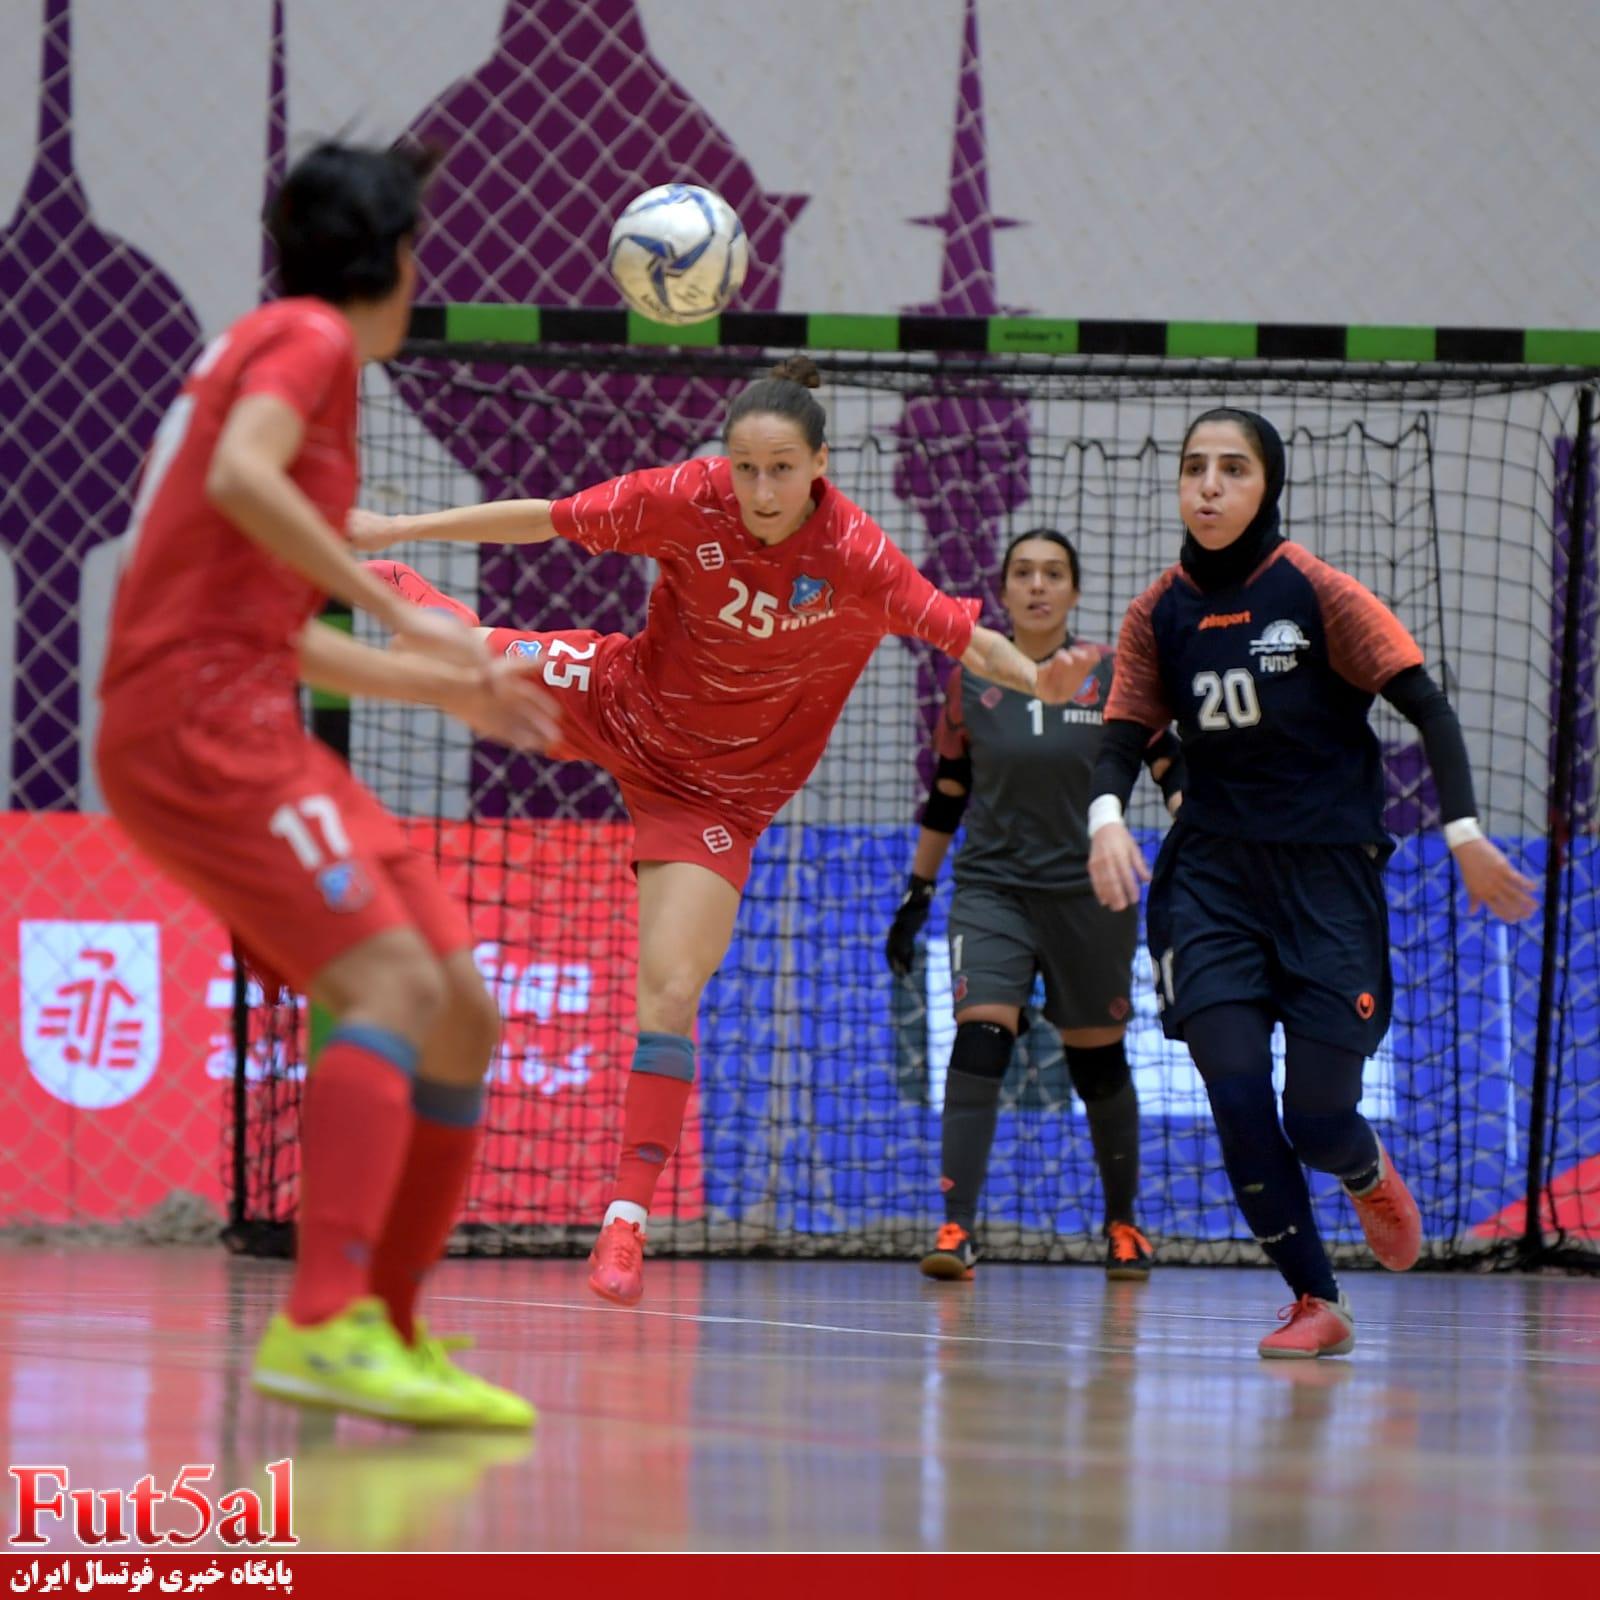 مقابل دو ملیپوش اکراینی الکویت دست تنها بودم/ دختران الفتاه اولین بار فینال را تجربه میکردند/ امروز برای ثبت قرارداد به مشهد میروم